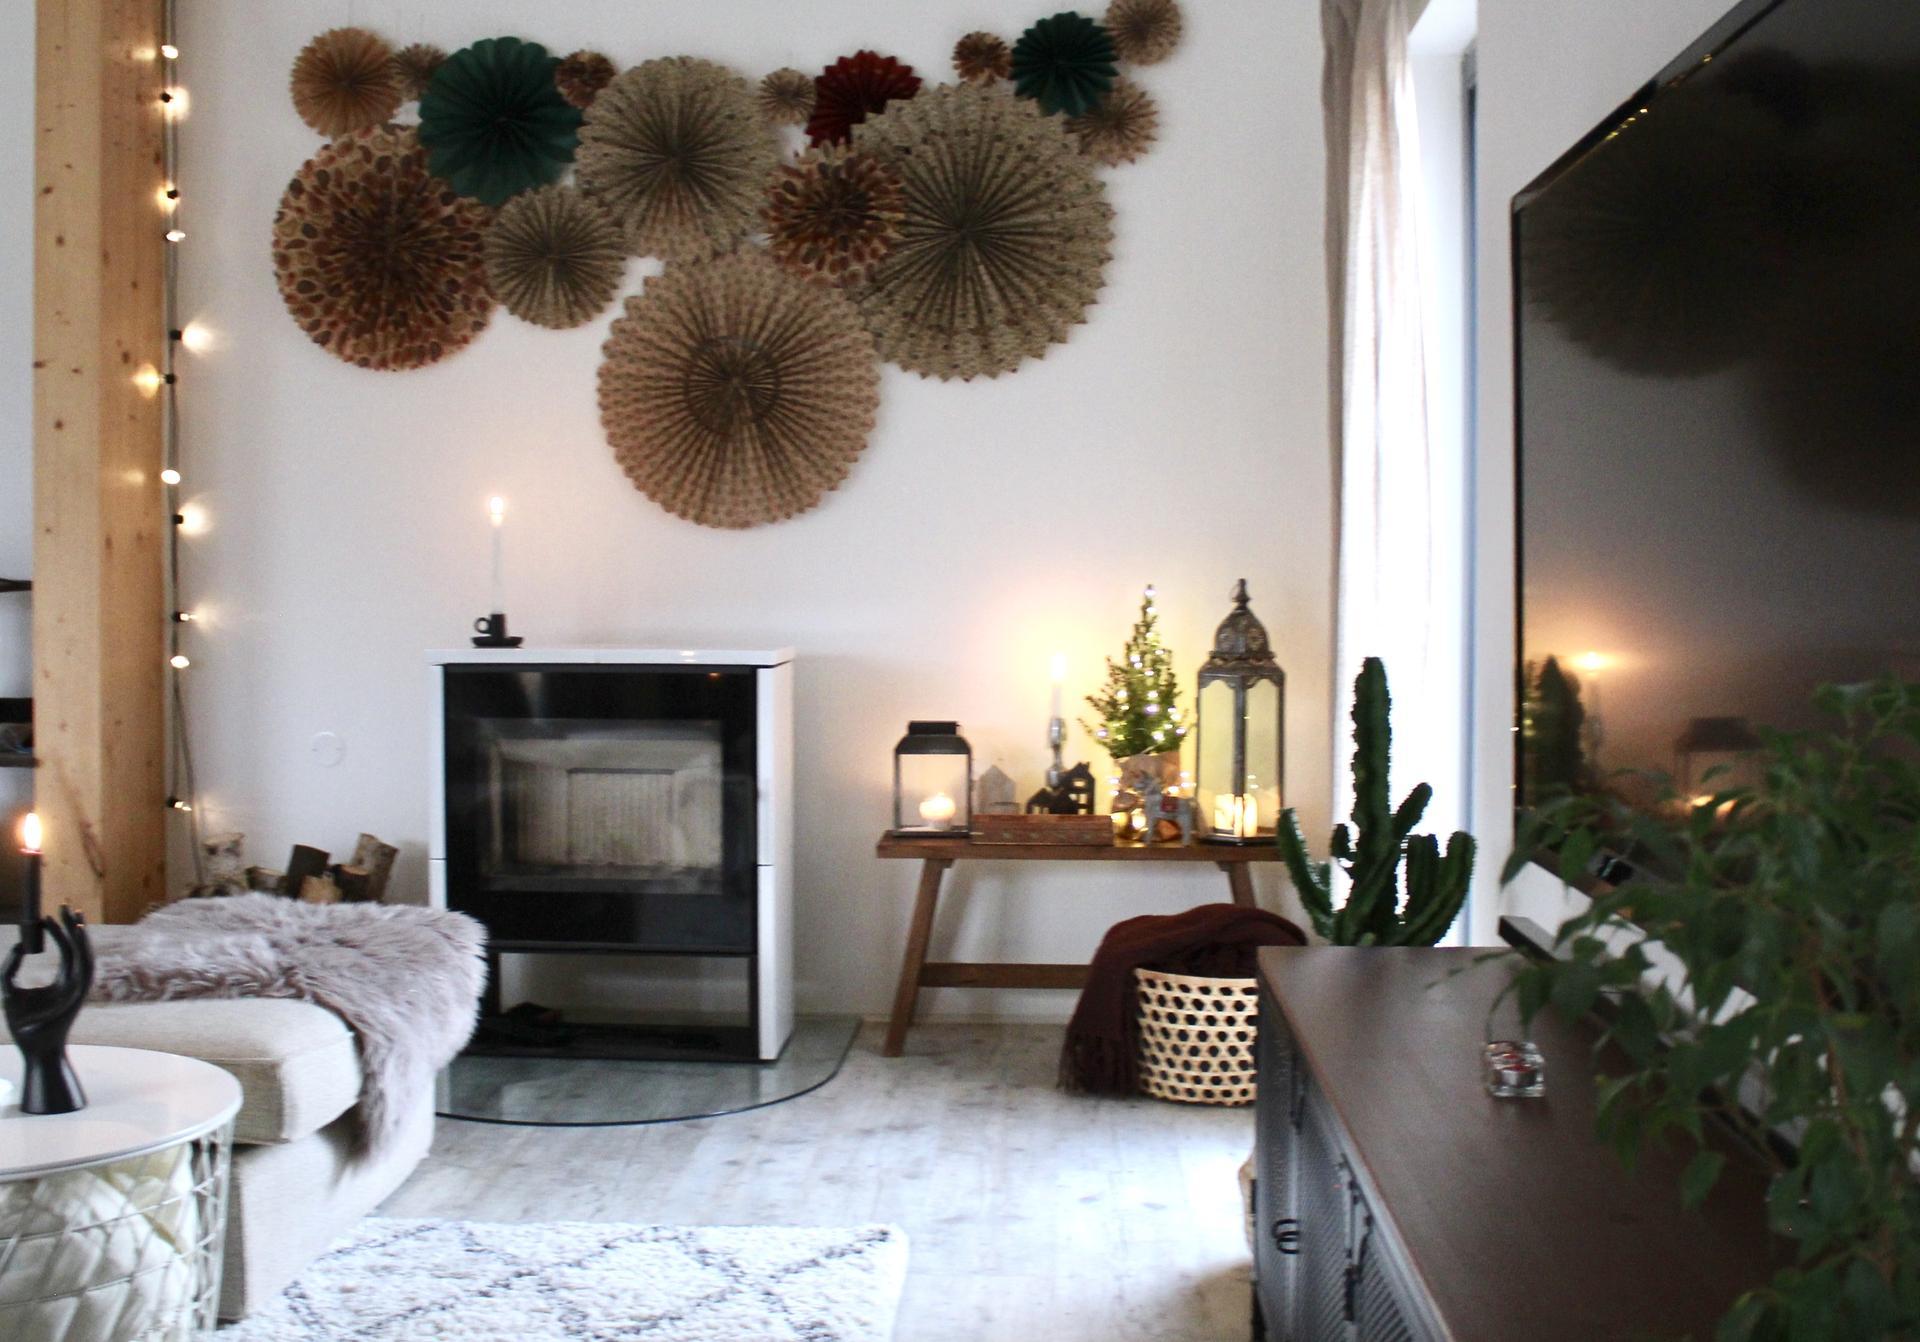 Vánoce 2019 - už chybí jen vánoční stromek